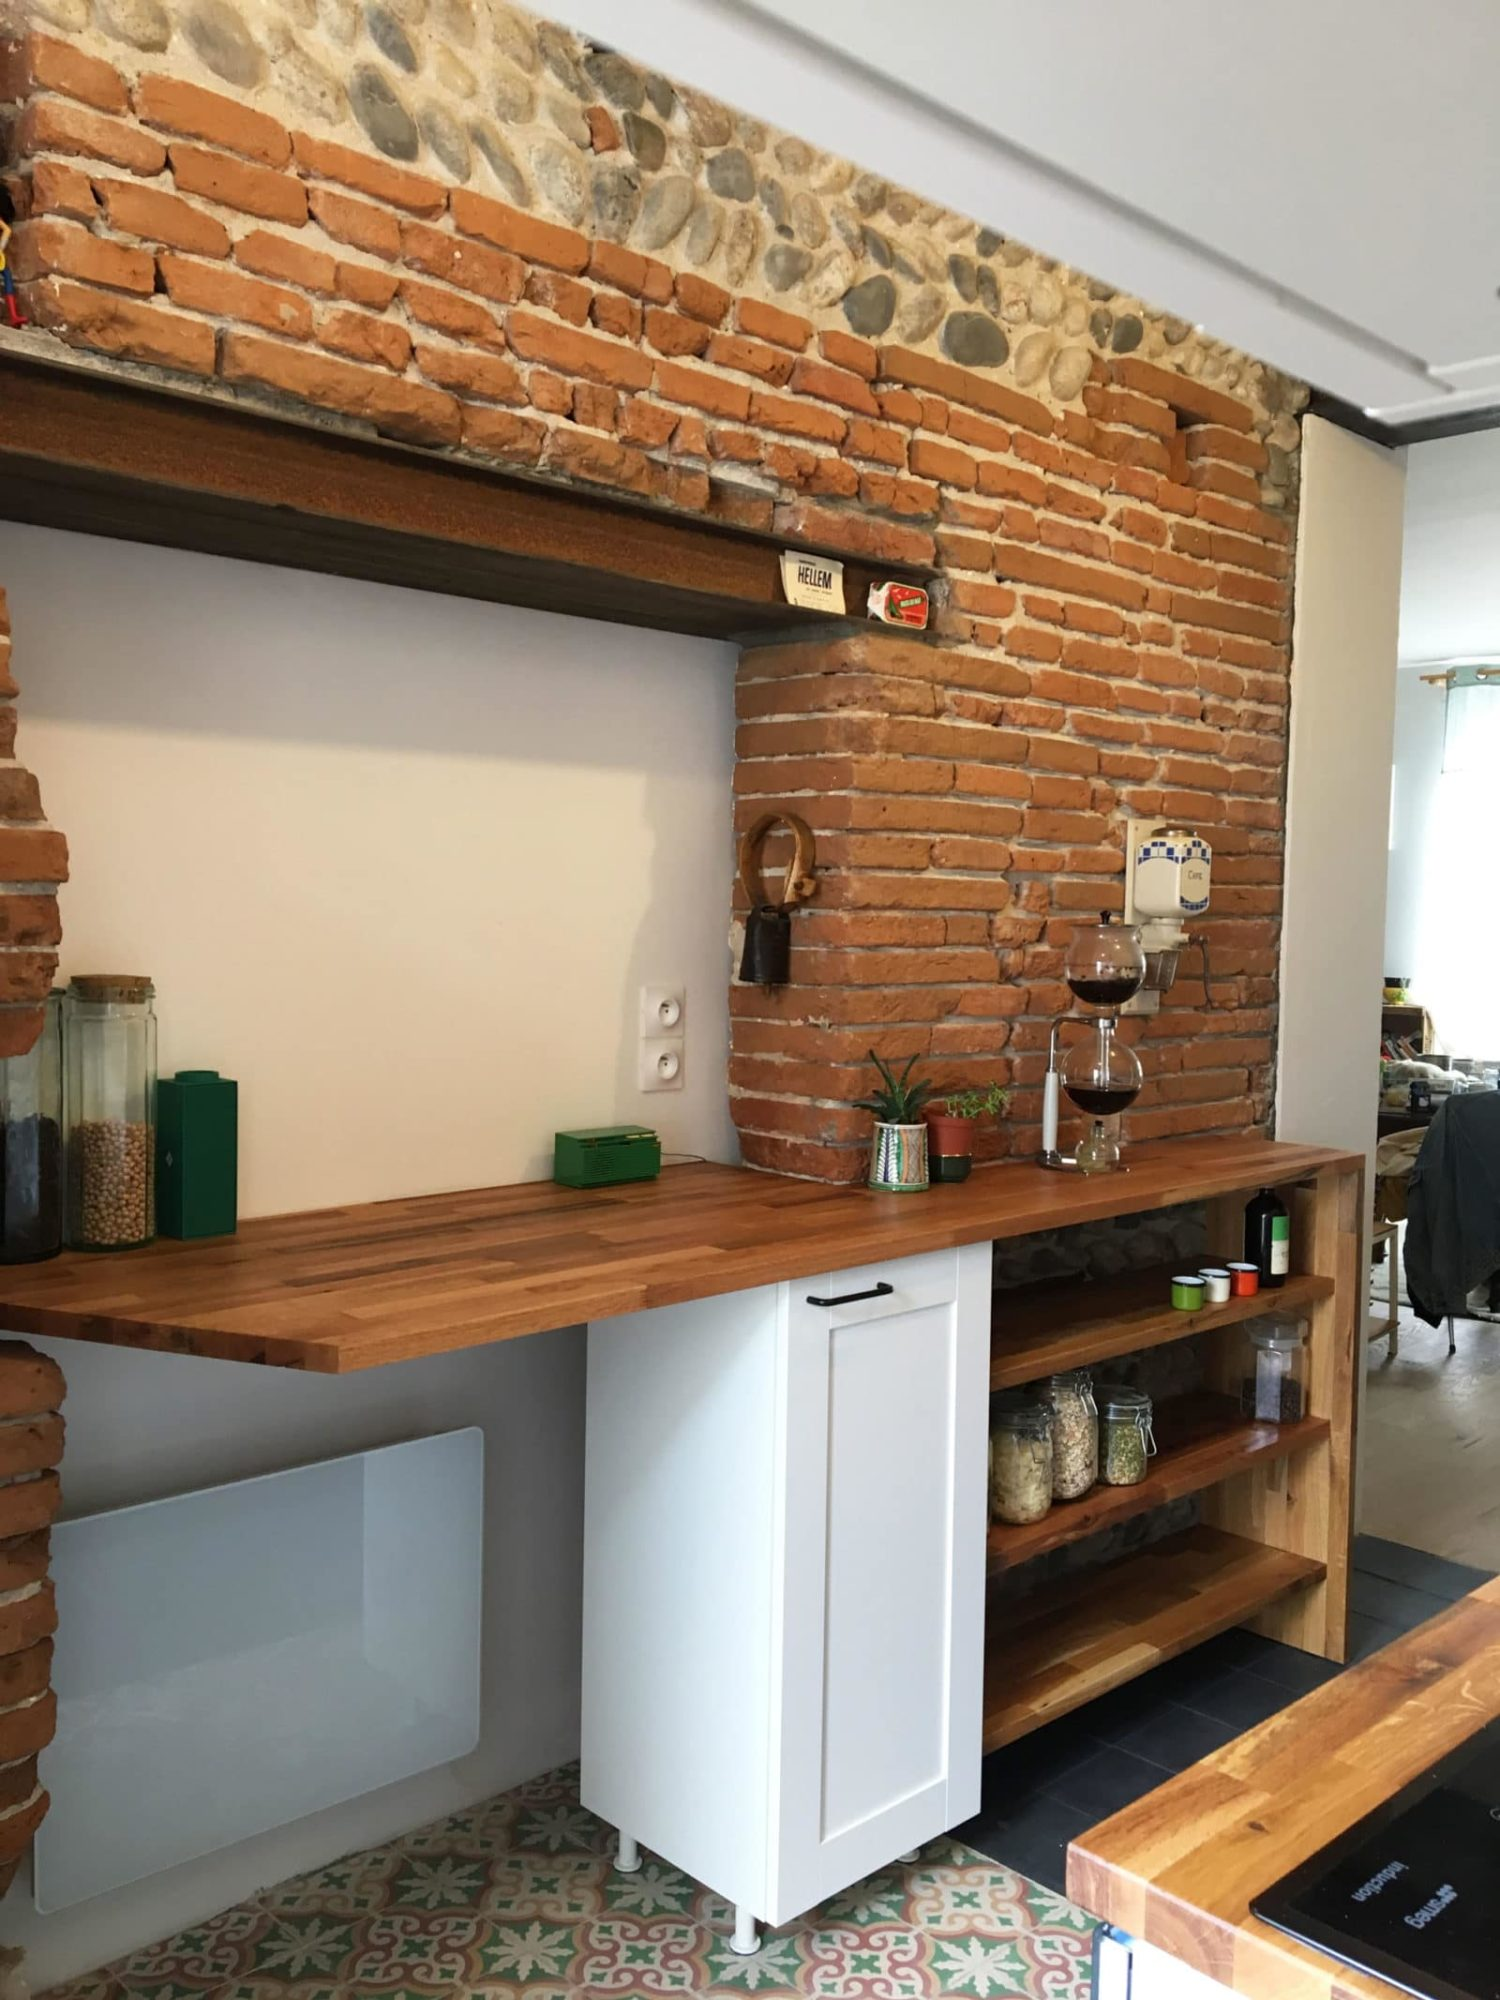 CUISINE • Aménager une cuisine dans un intérieur en brique foraine toulousaine.